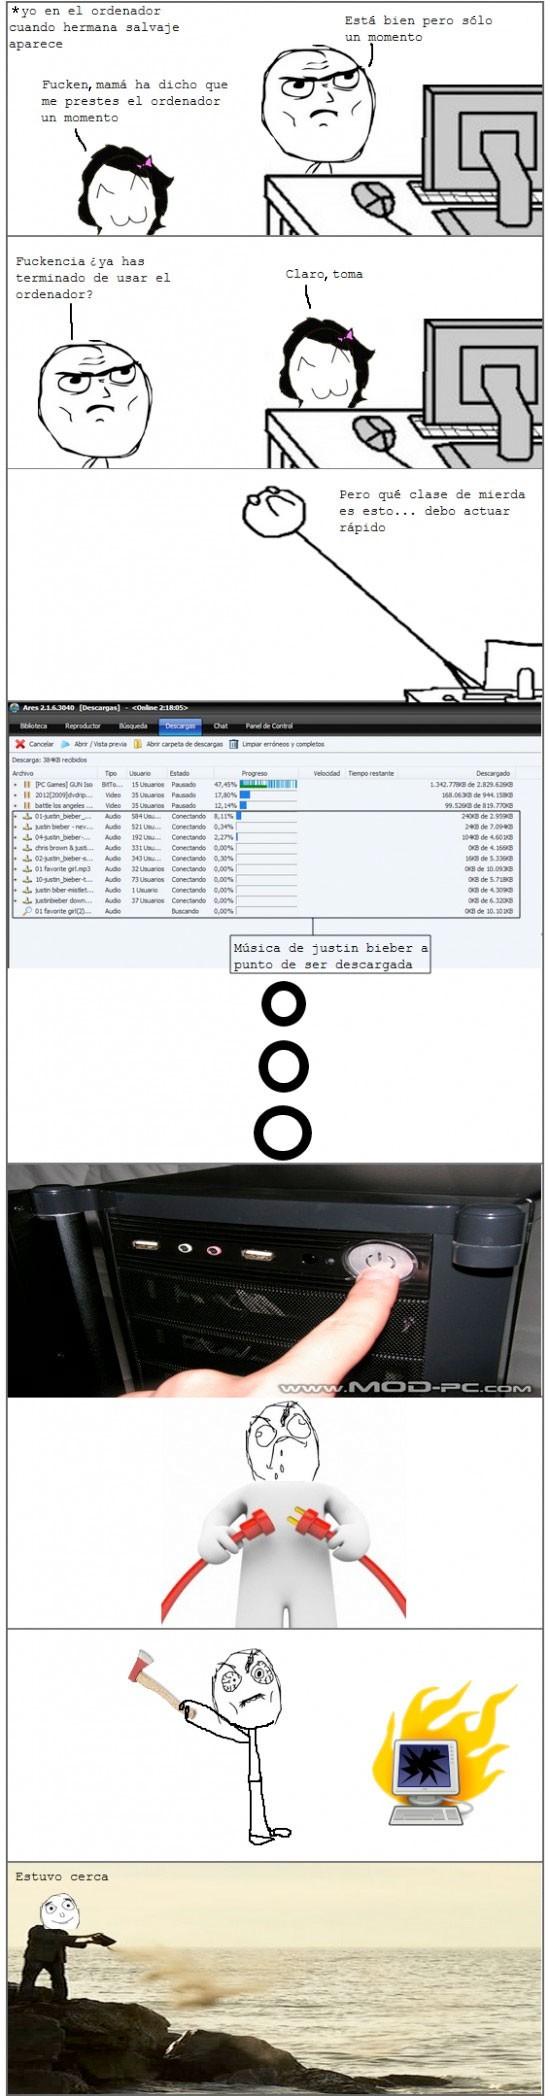 Otros - Desinfectando el ordenador